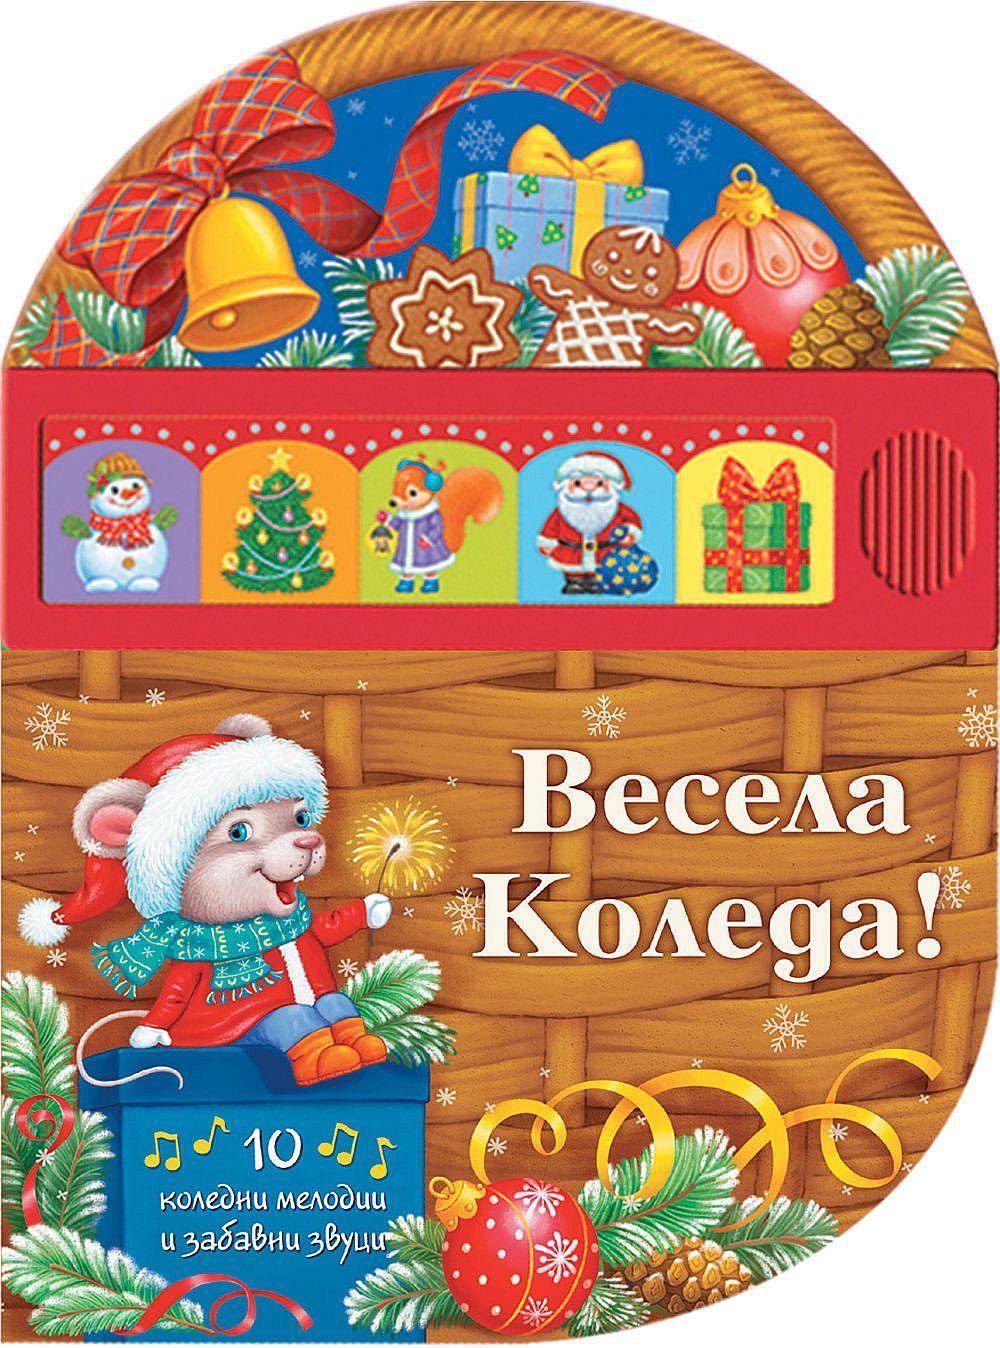 Весела Коледа! Коледни мелодии и забавни звуци - 1